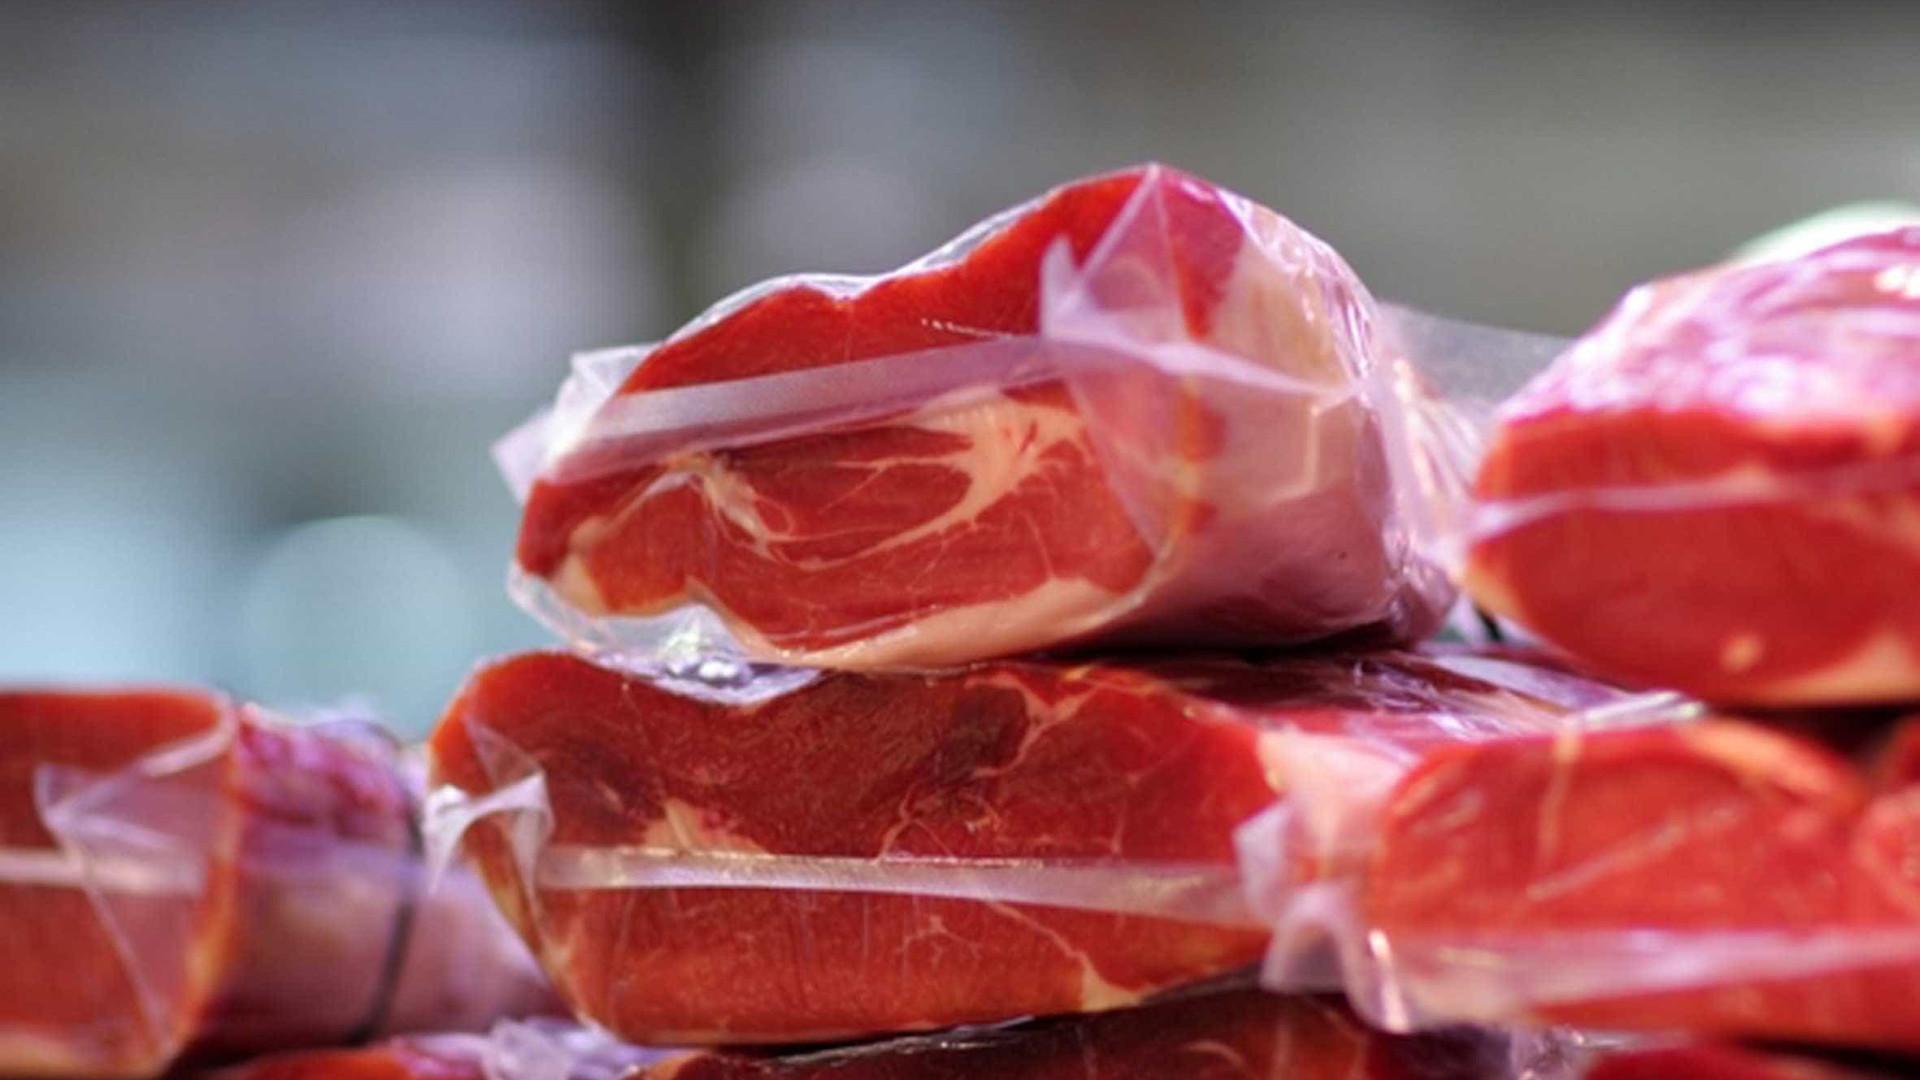 Finlândia pede à UE para banir importação de carne brasileira